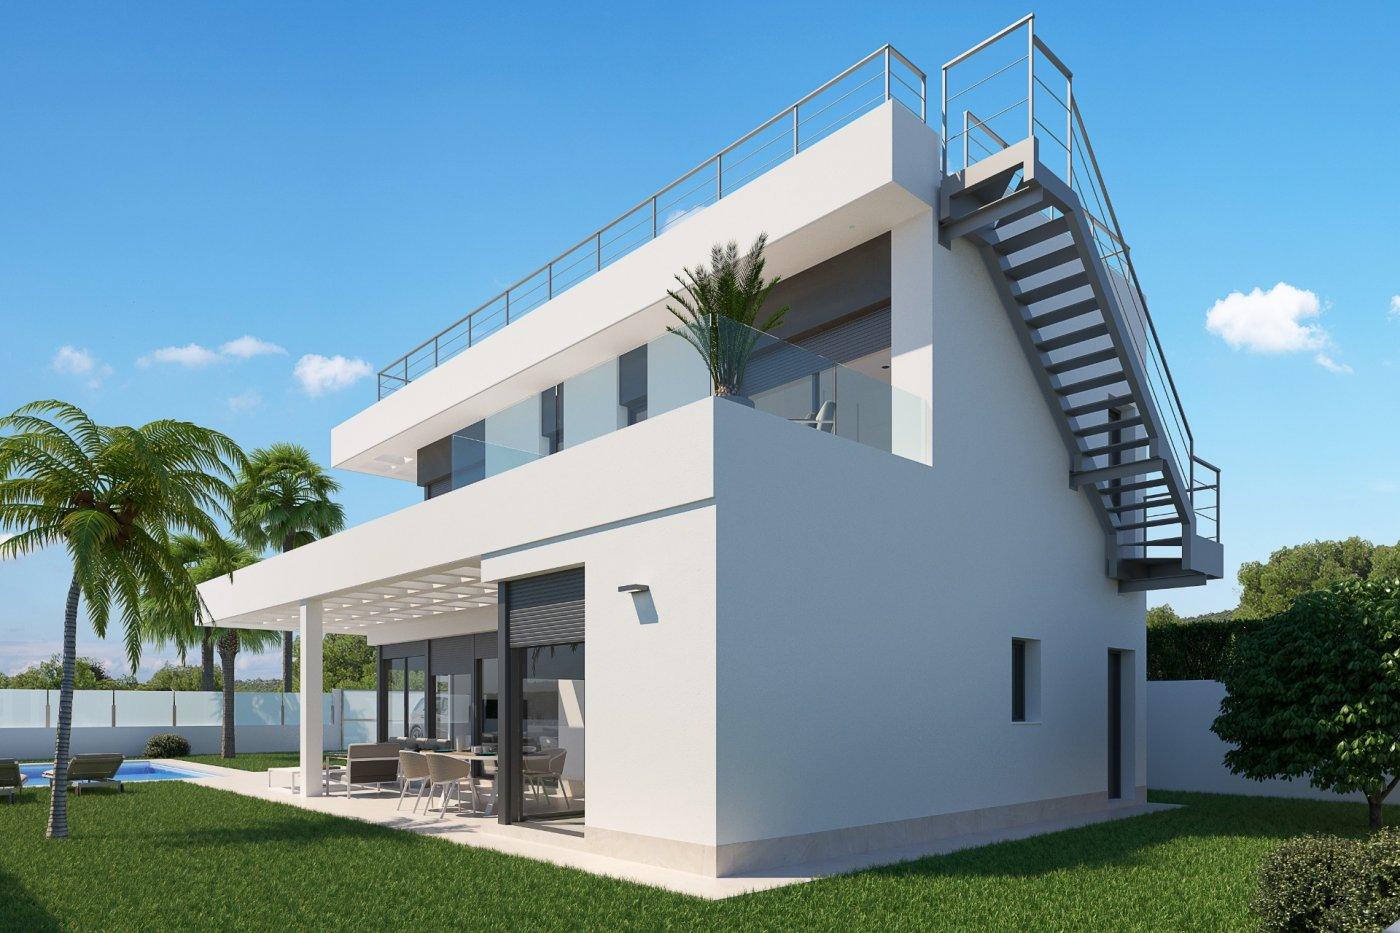 Villas modernas en sierra cortina (finestrat) a un paso de benidorm - imagenInmueble2